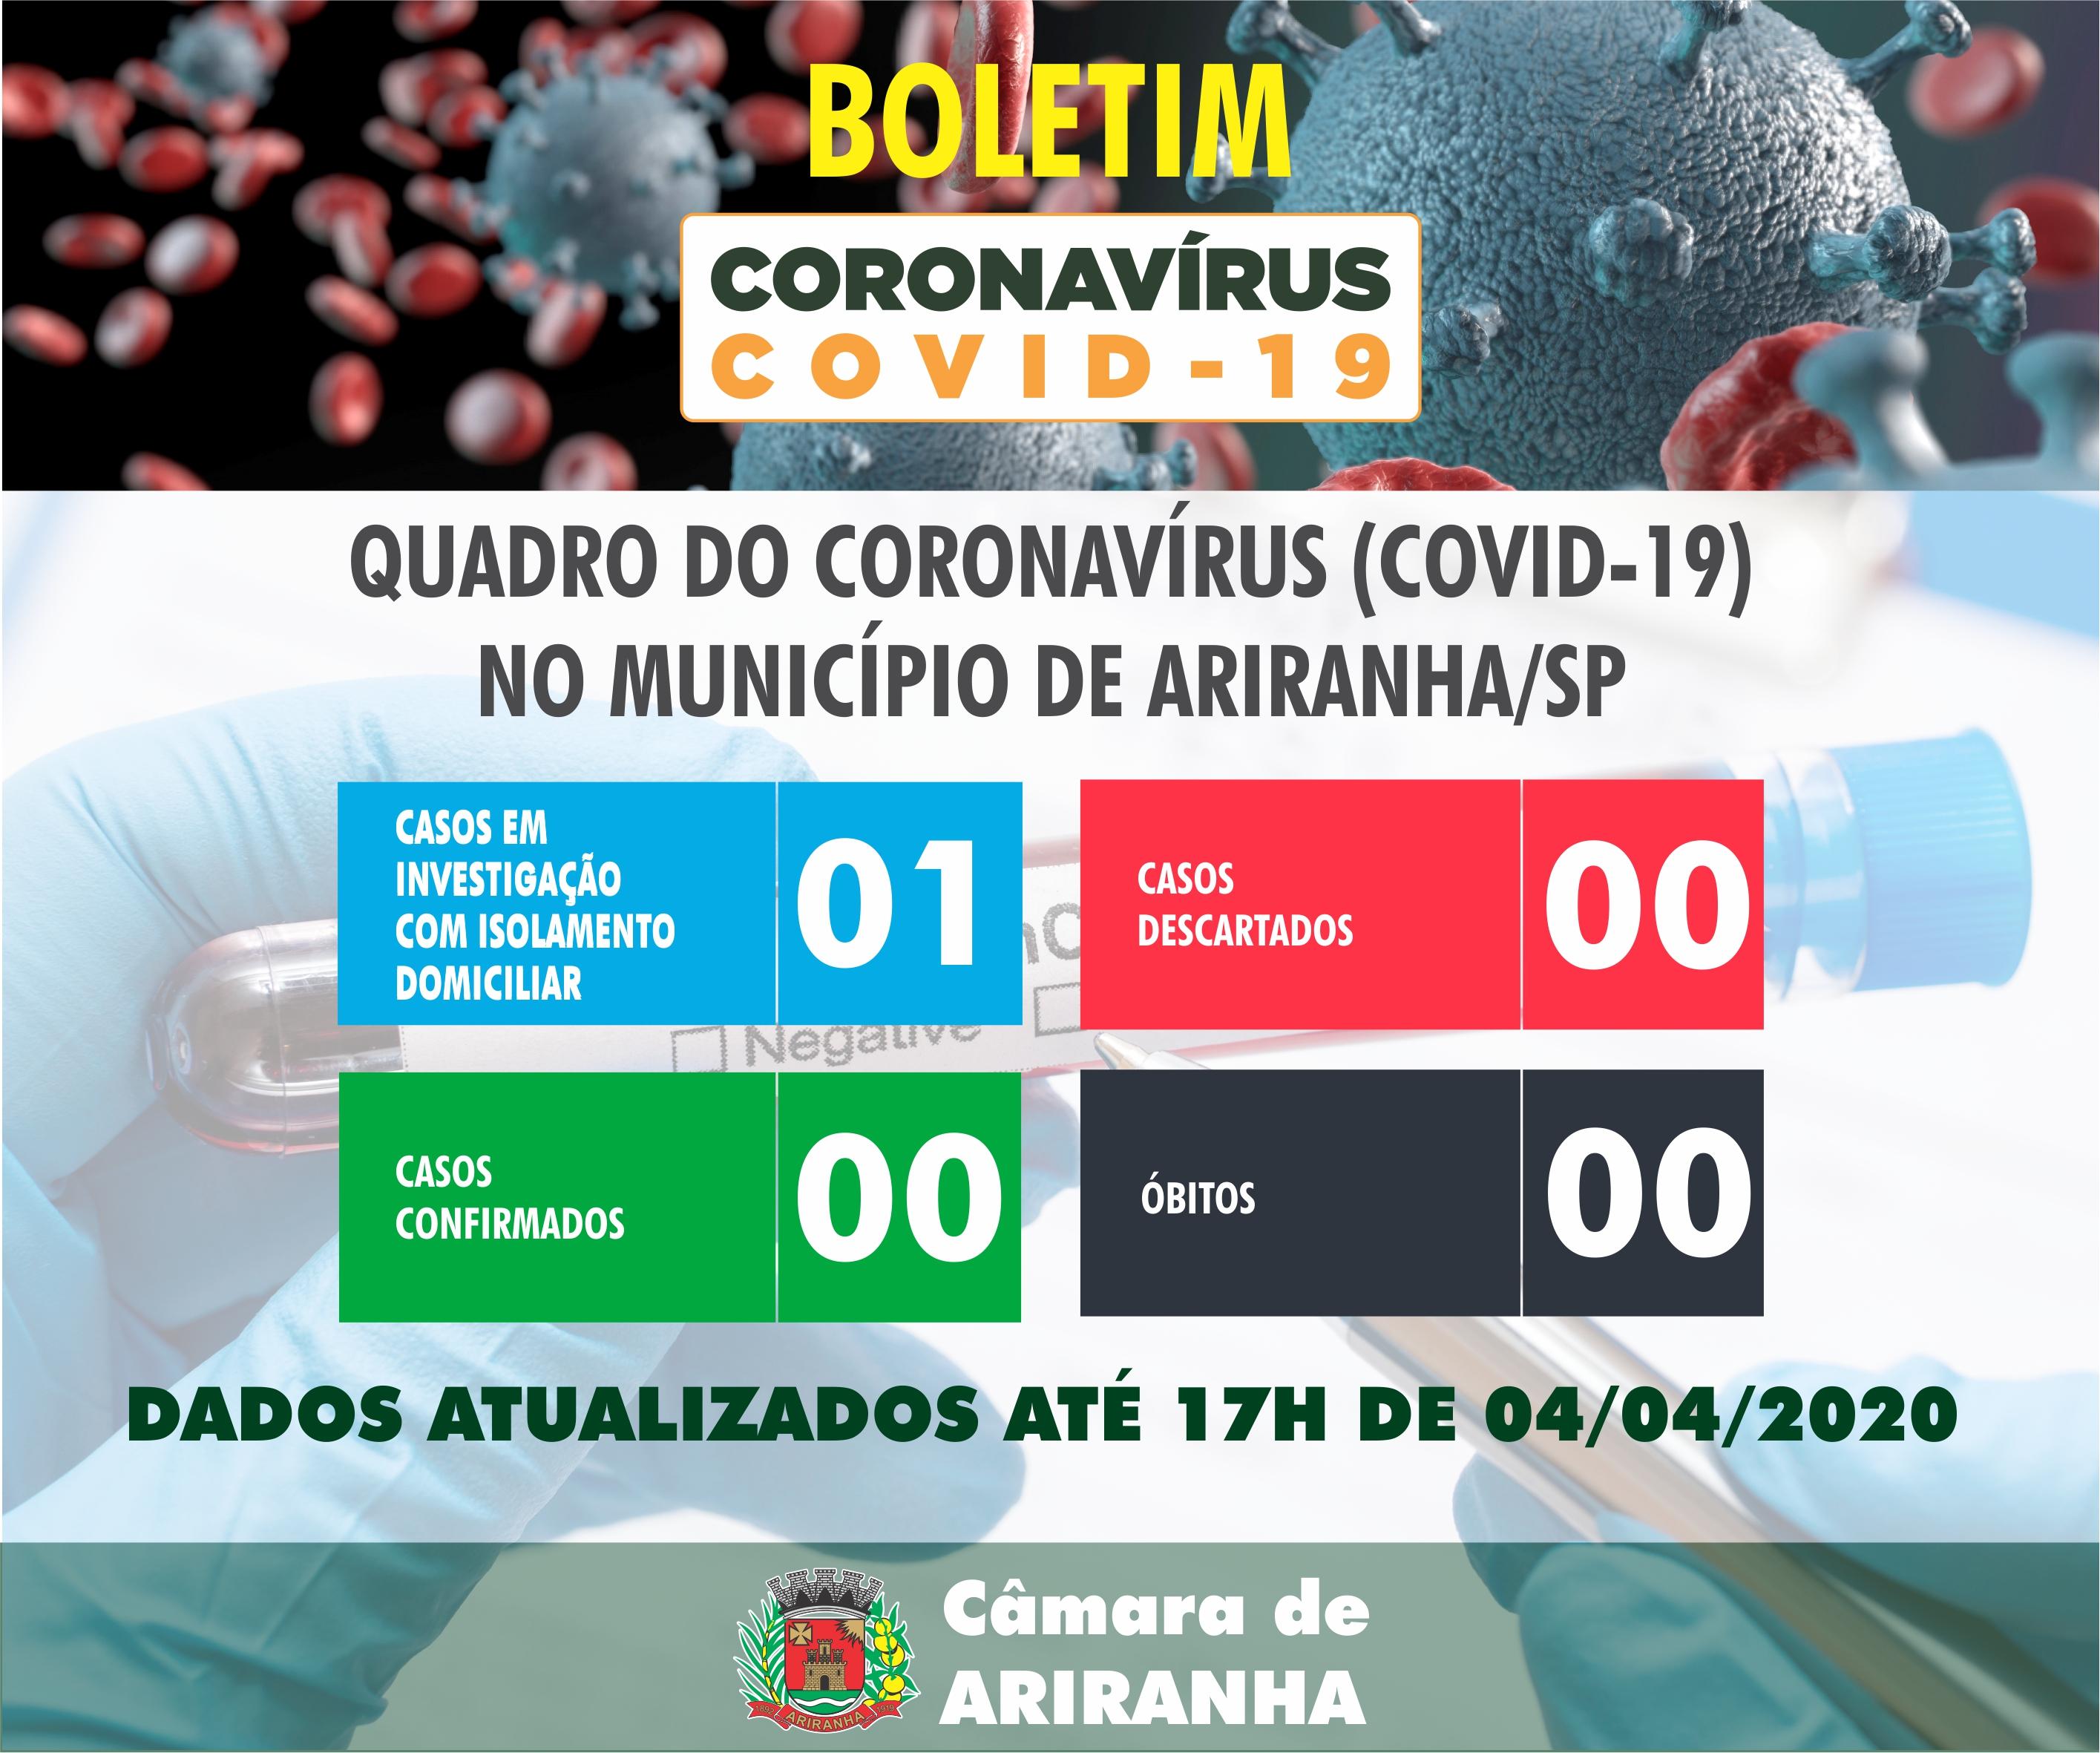 Boletim diário Corona Vírus (COVID-19) – 04/04/2020